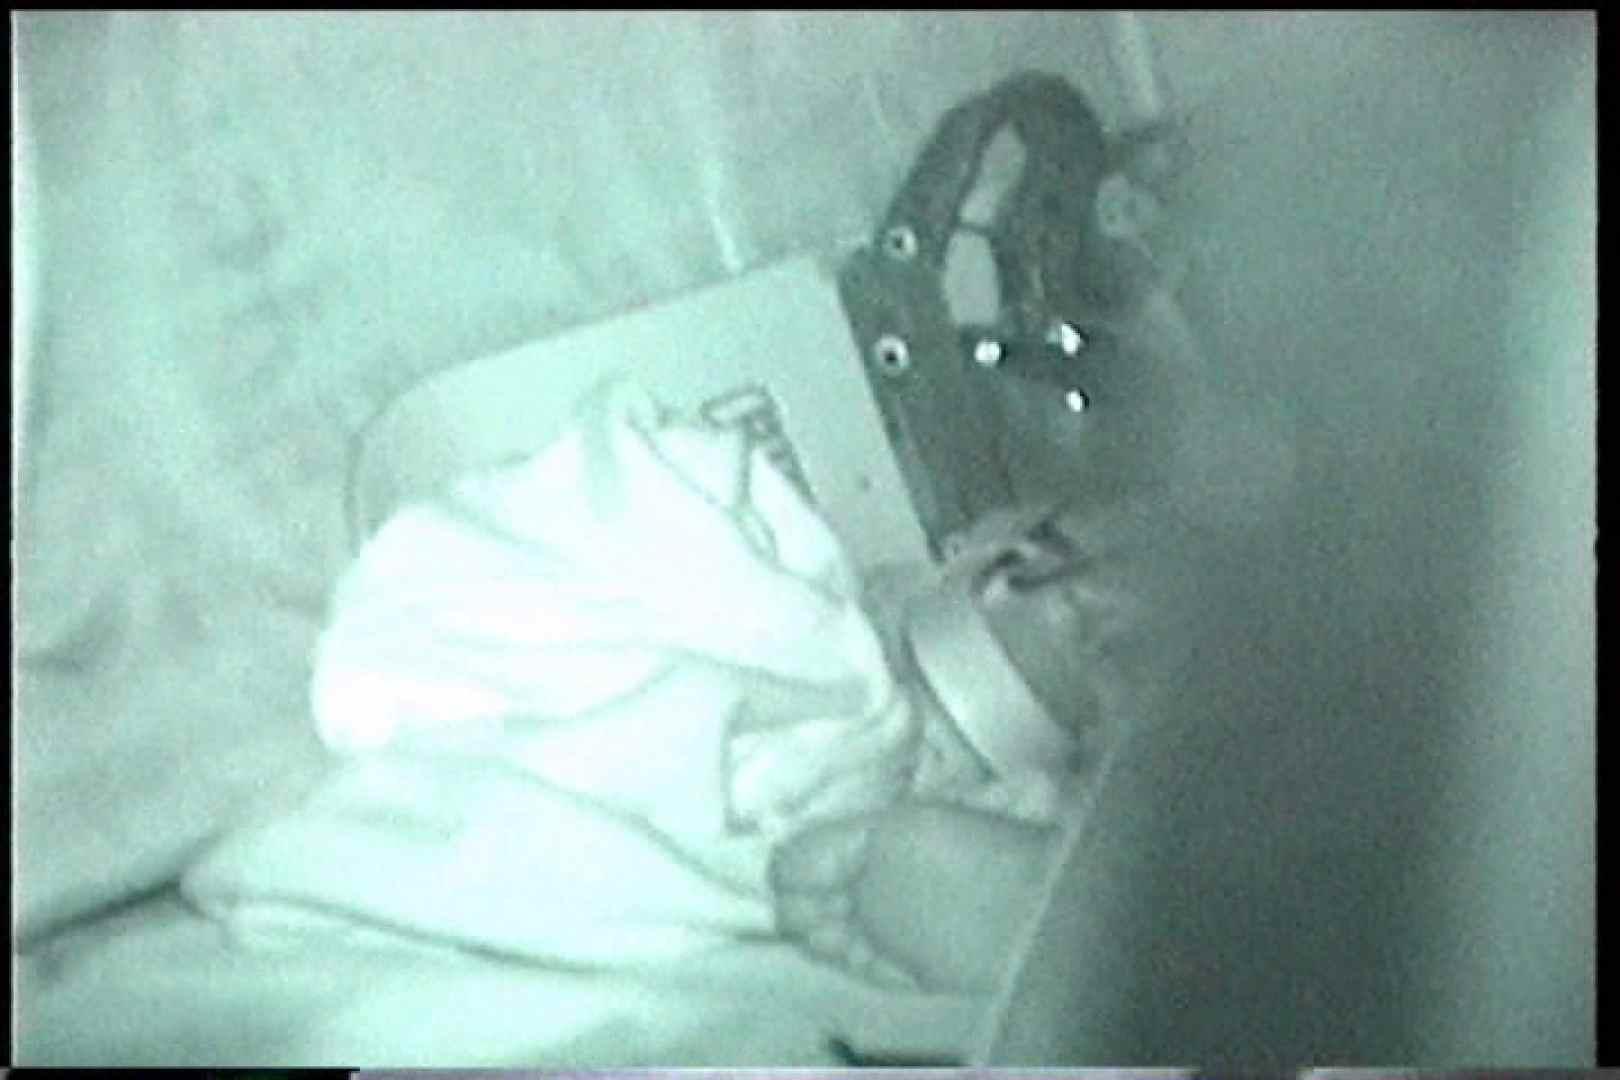 充血監督の深夜の運動会Vol.227 OLエロ画像 のぞきエロ無料画像 69PICs 41